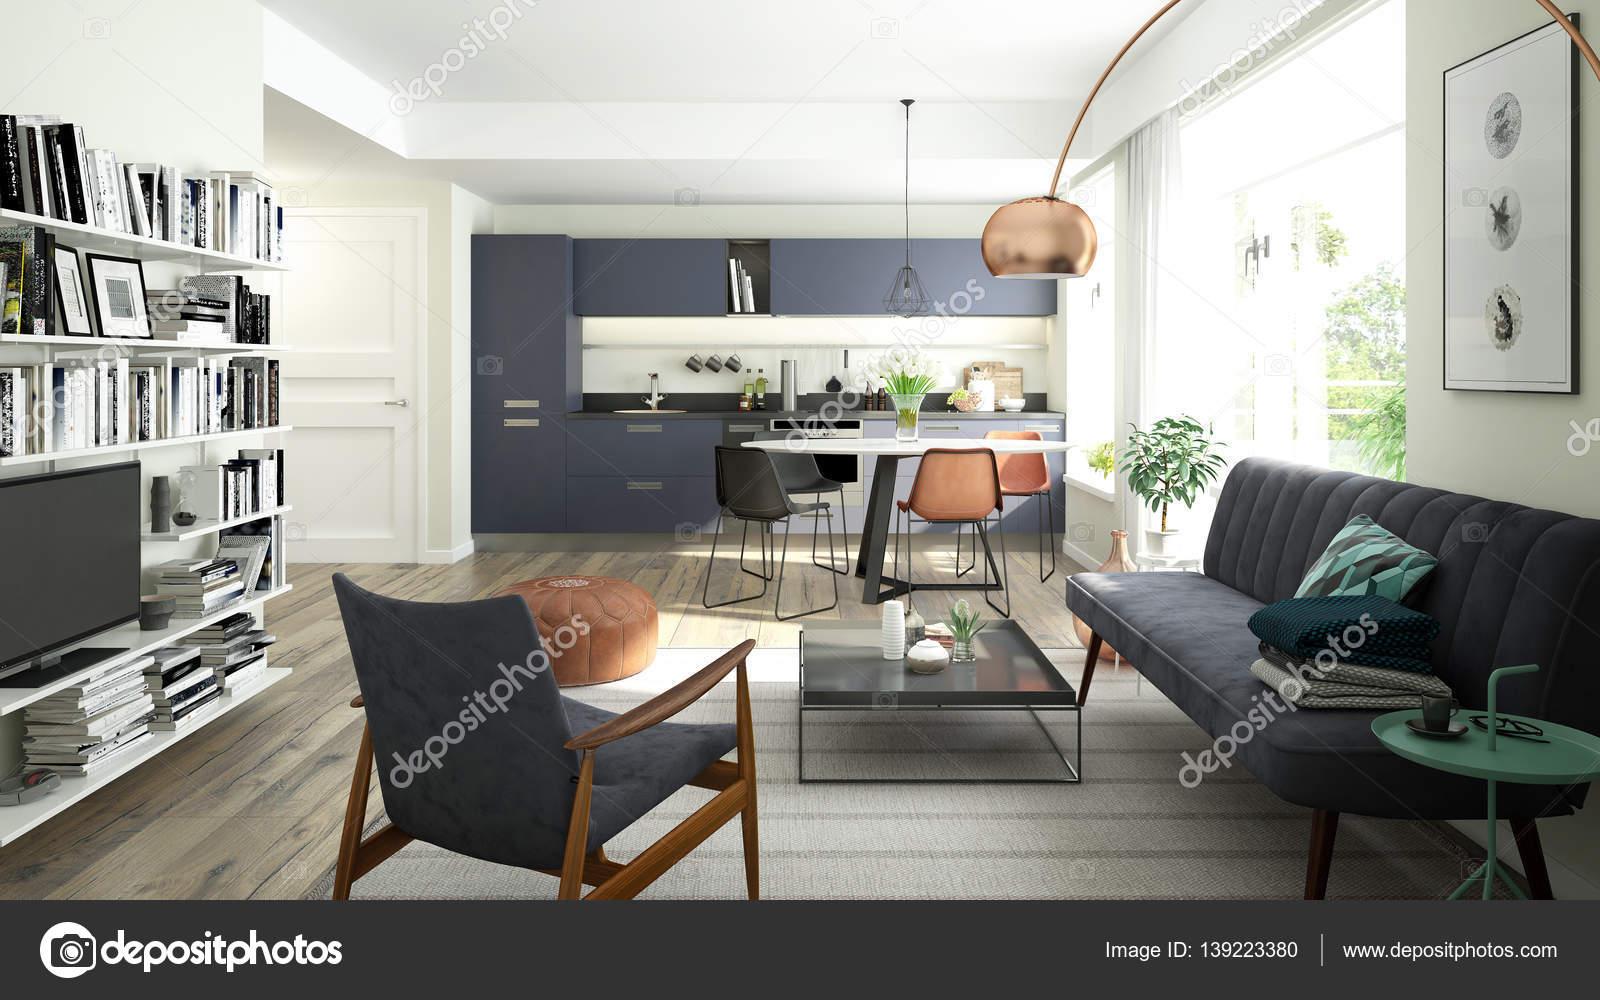 Modernes Wohnzimmer mit offener Küche — Stockfoto © imagewell #139223380